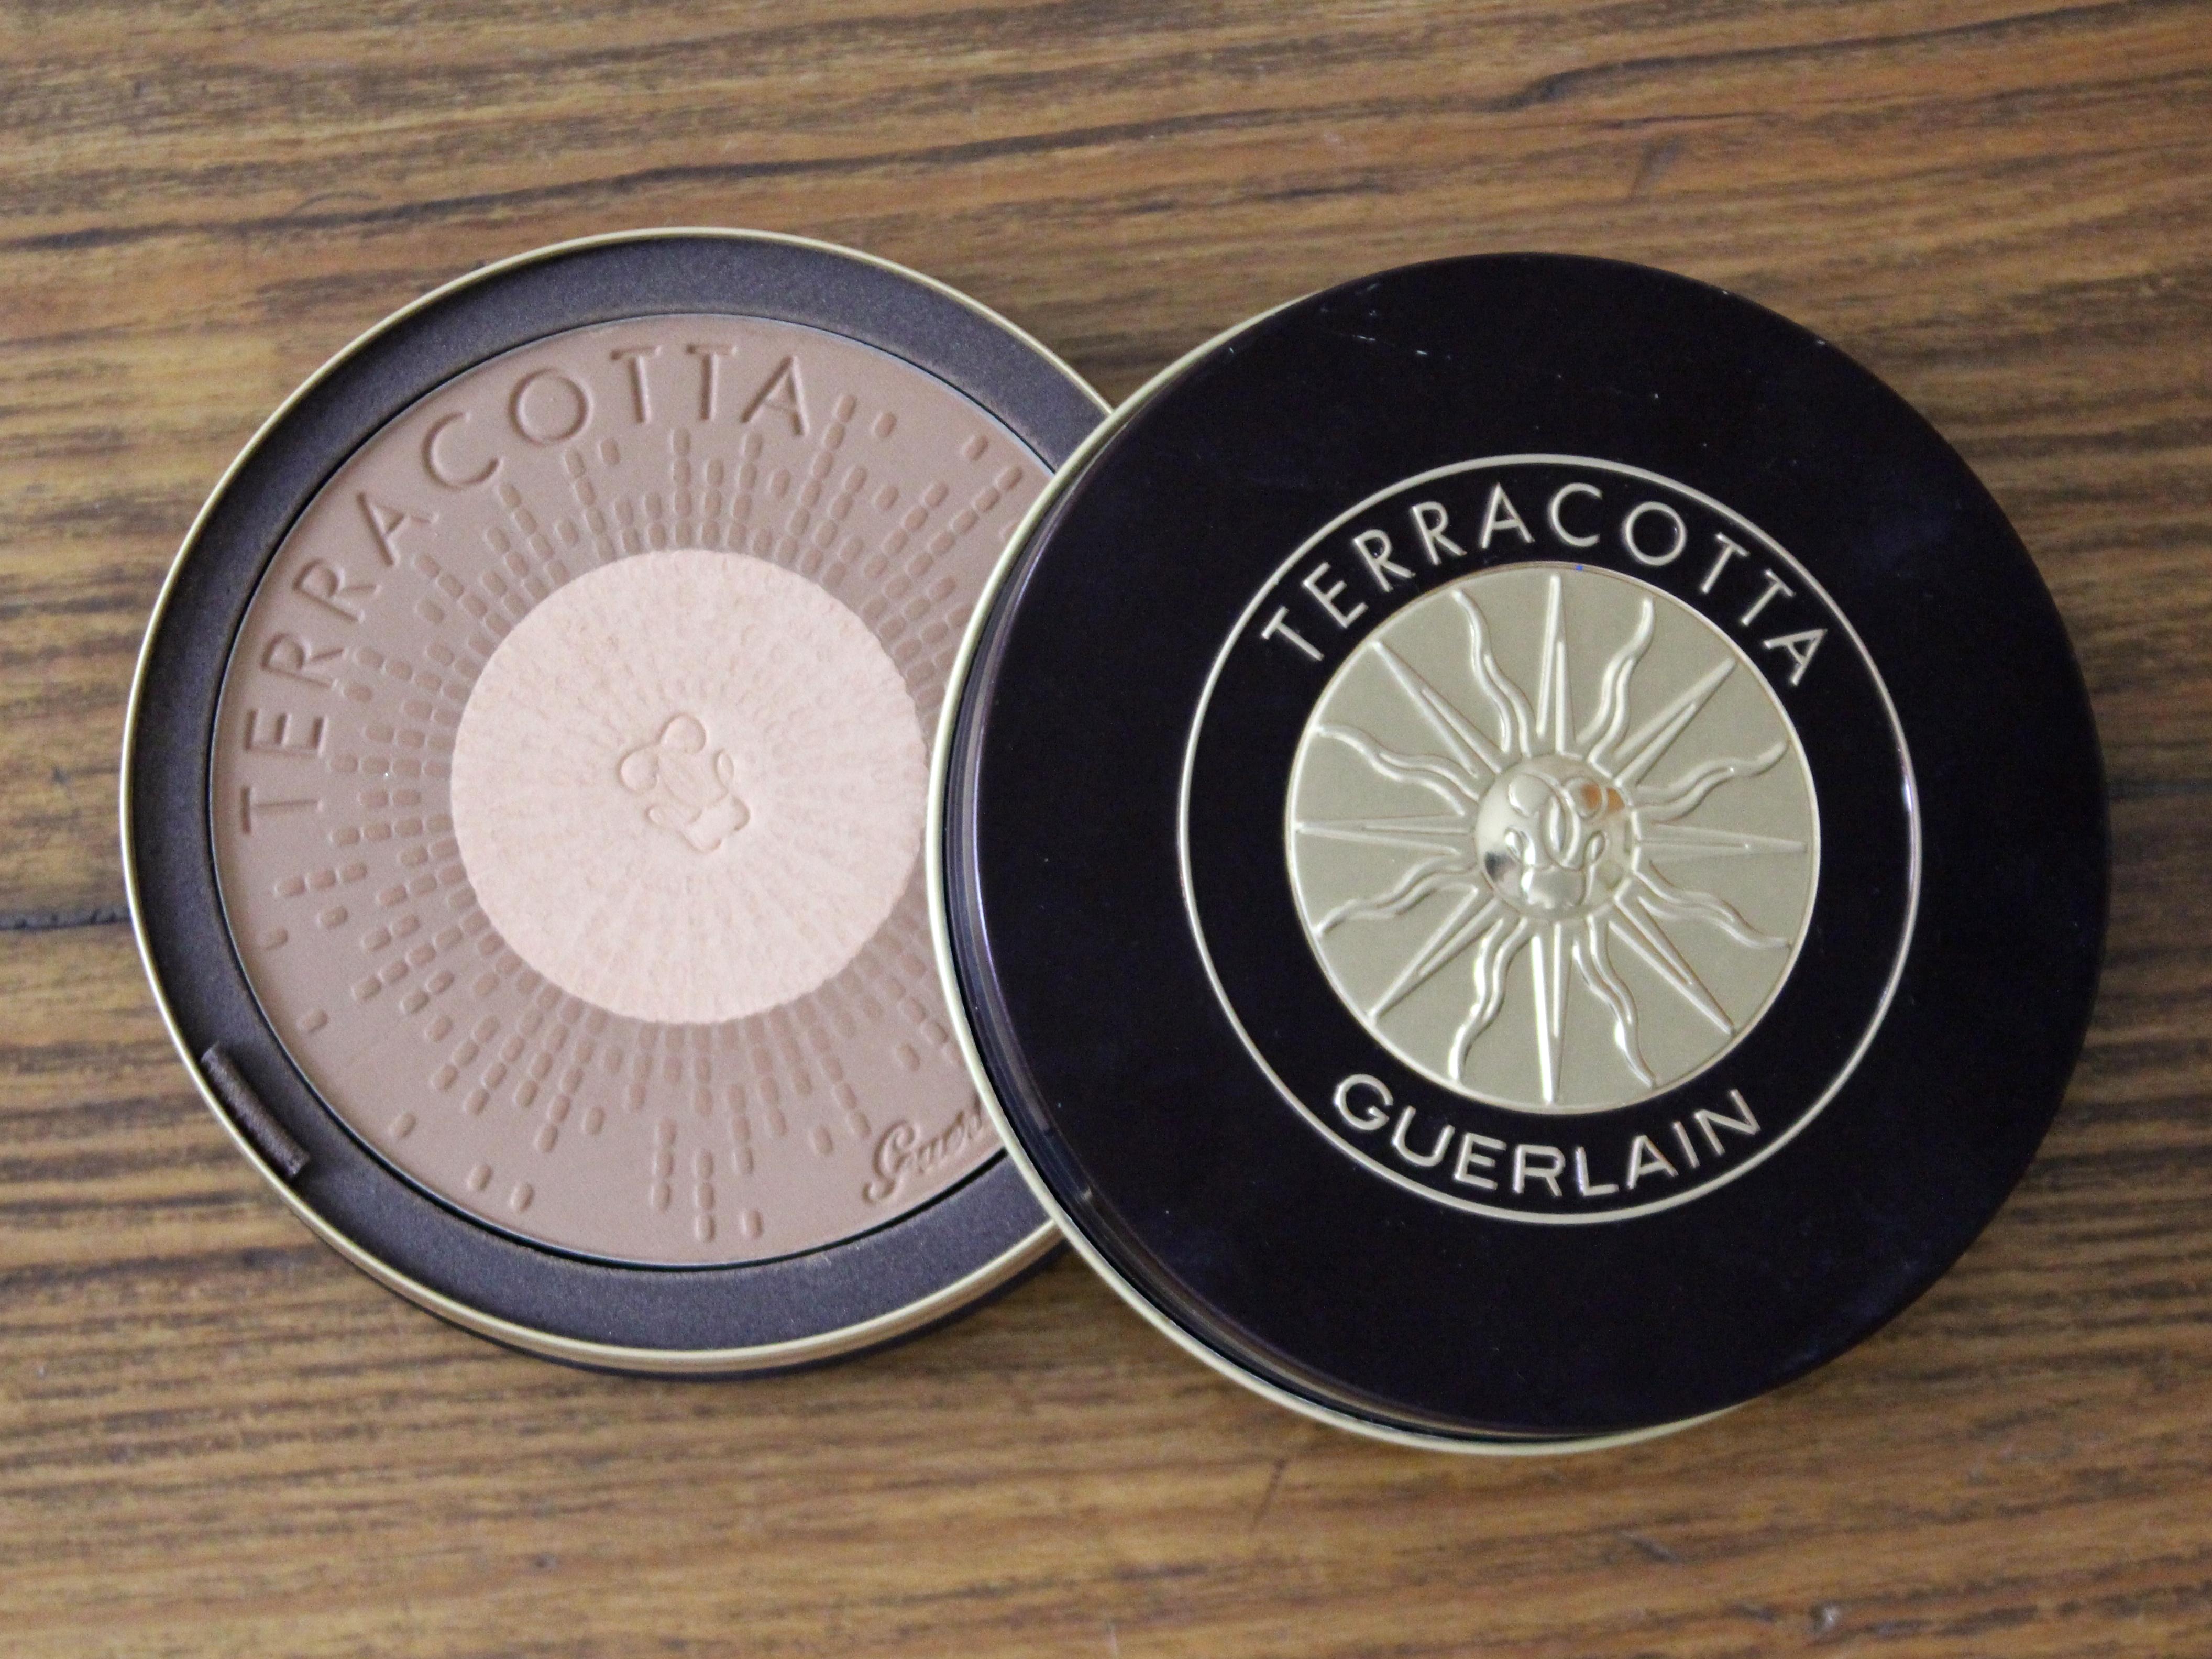 Guerlain Terra Magnifica Bronzer Review